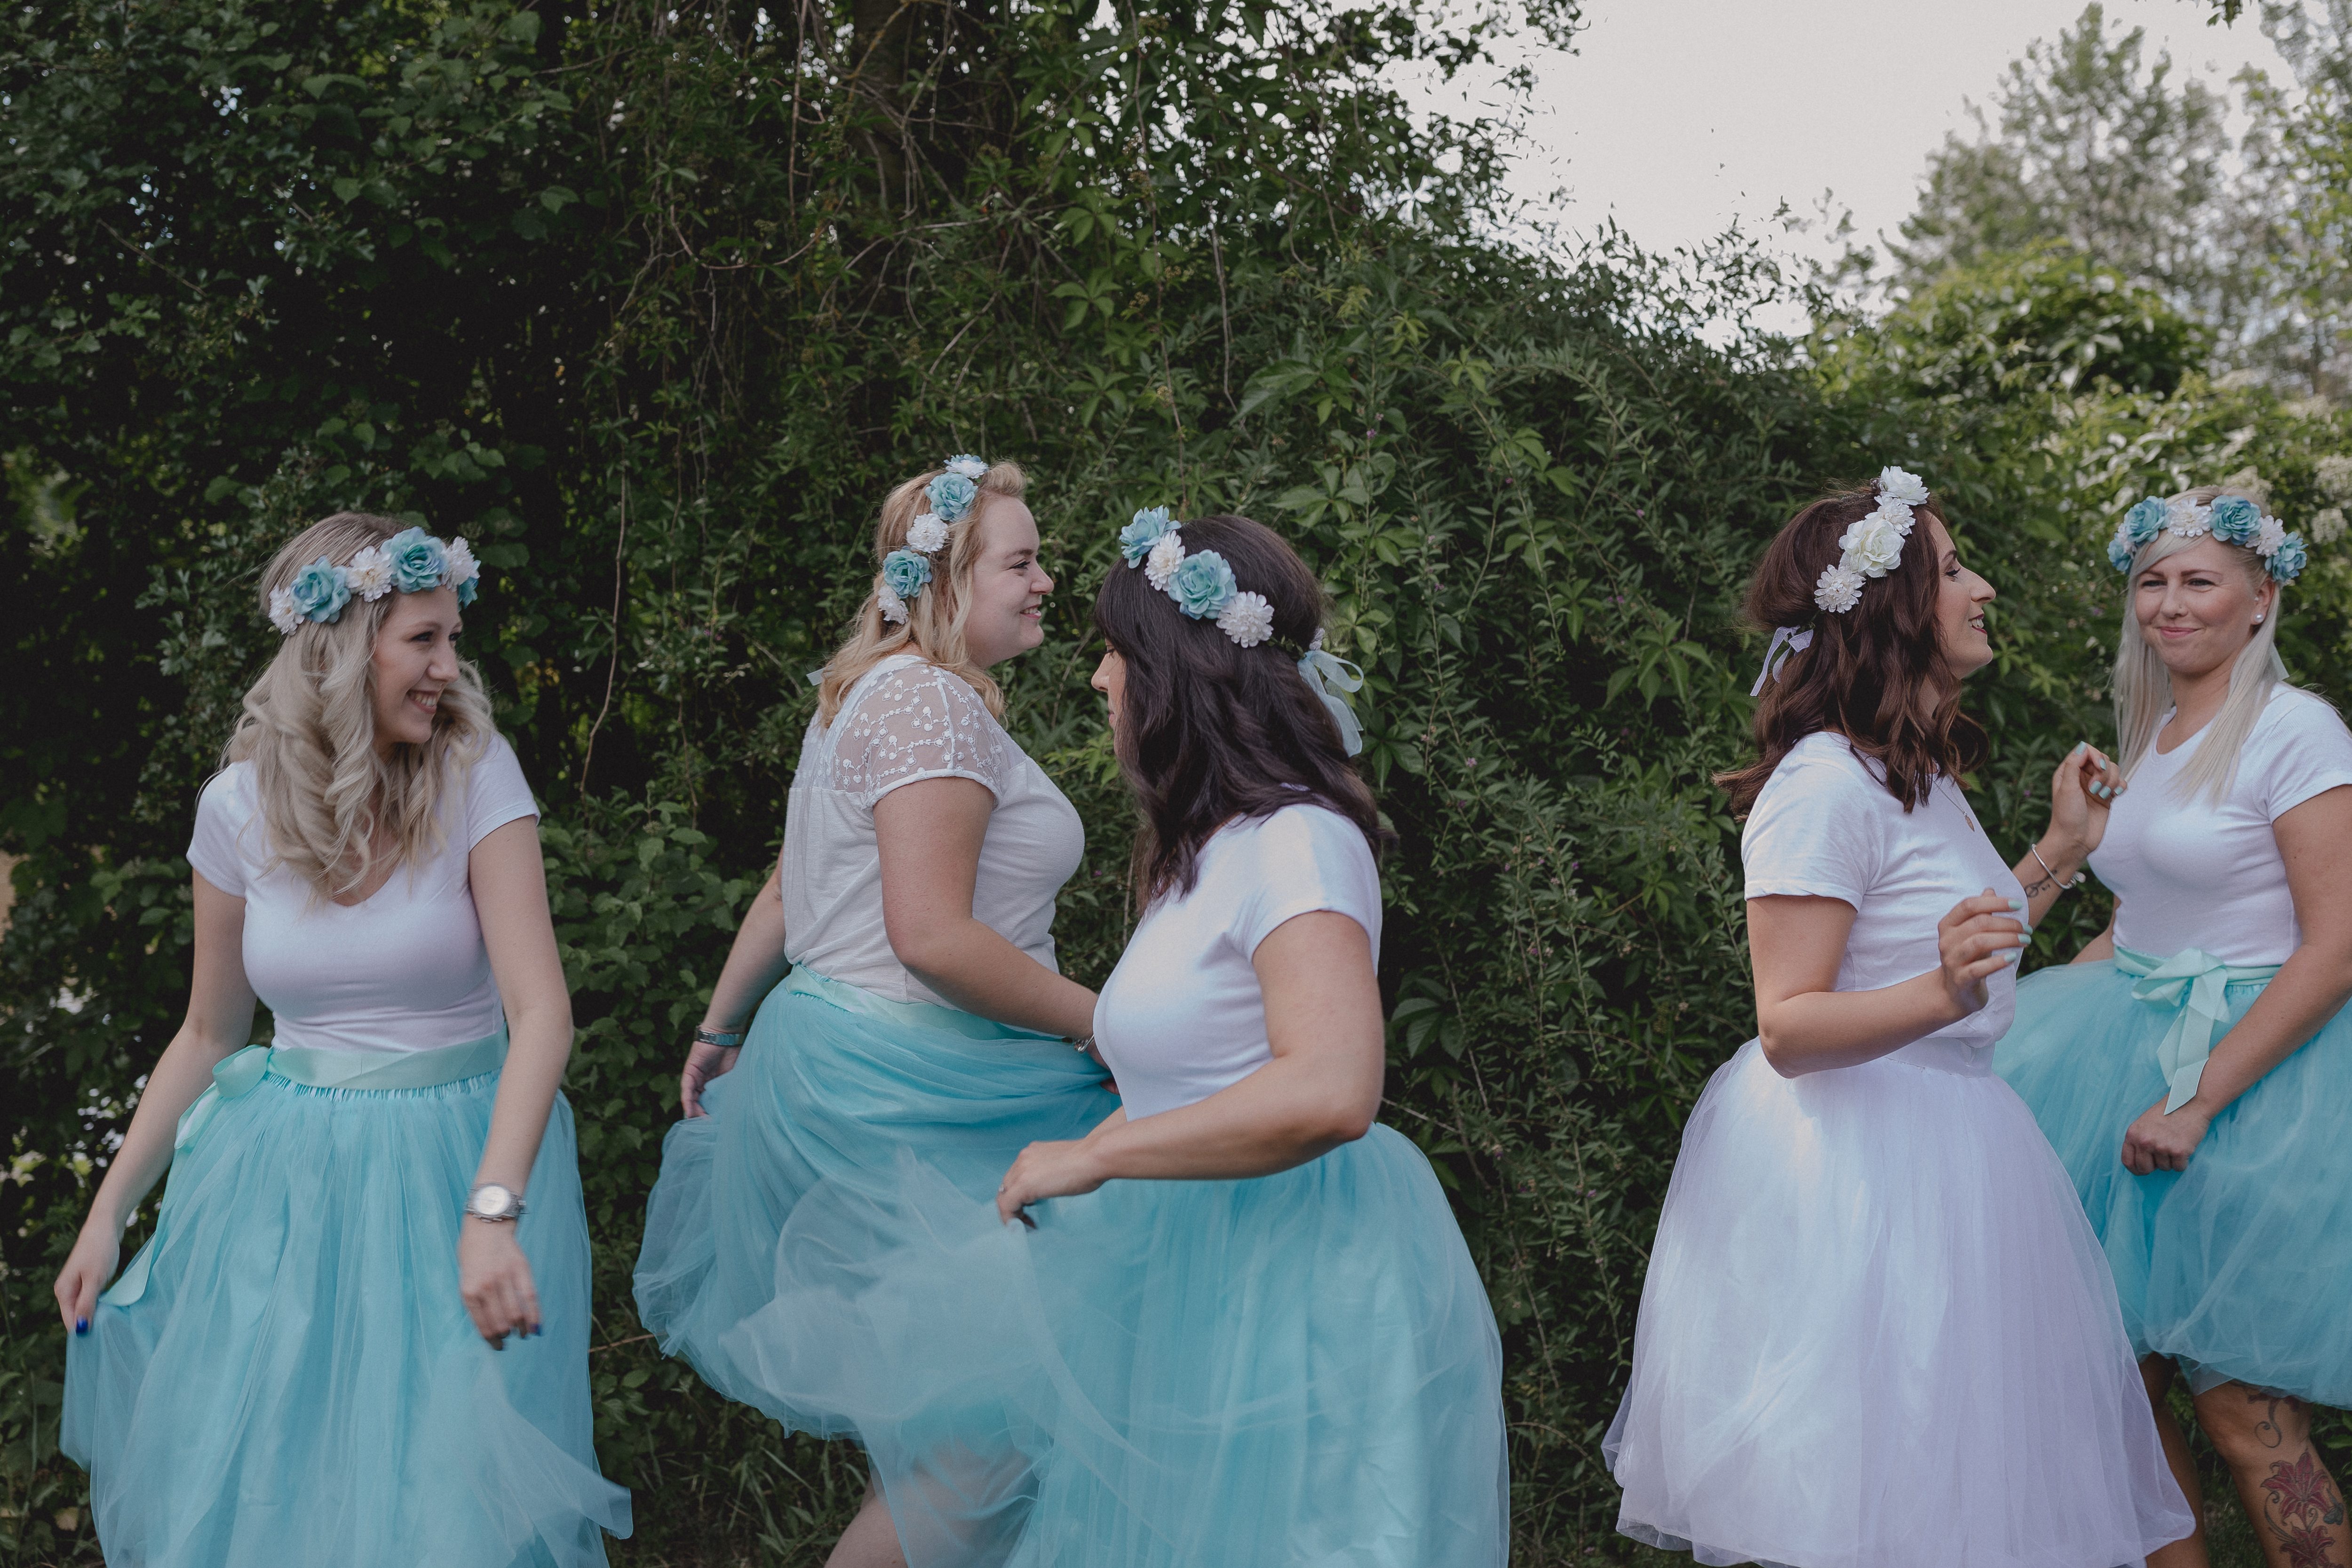 URBANERIE_Daniela_Goth_Hochzeitsfotografin_Nuernberg_Fuerth_Erlangen_180602_0213